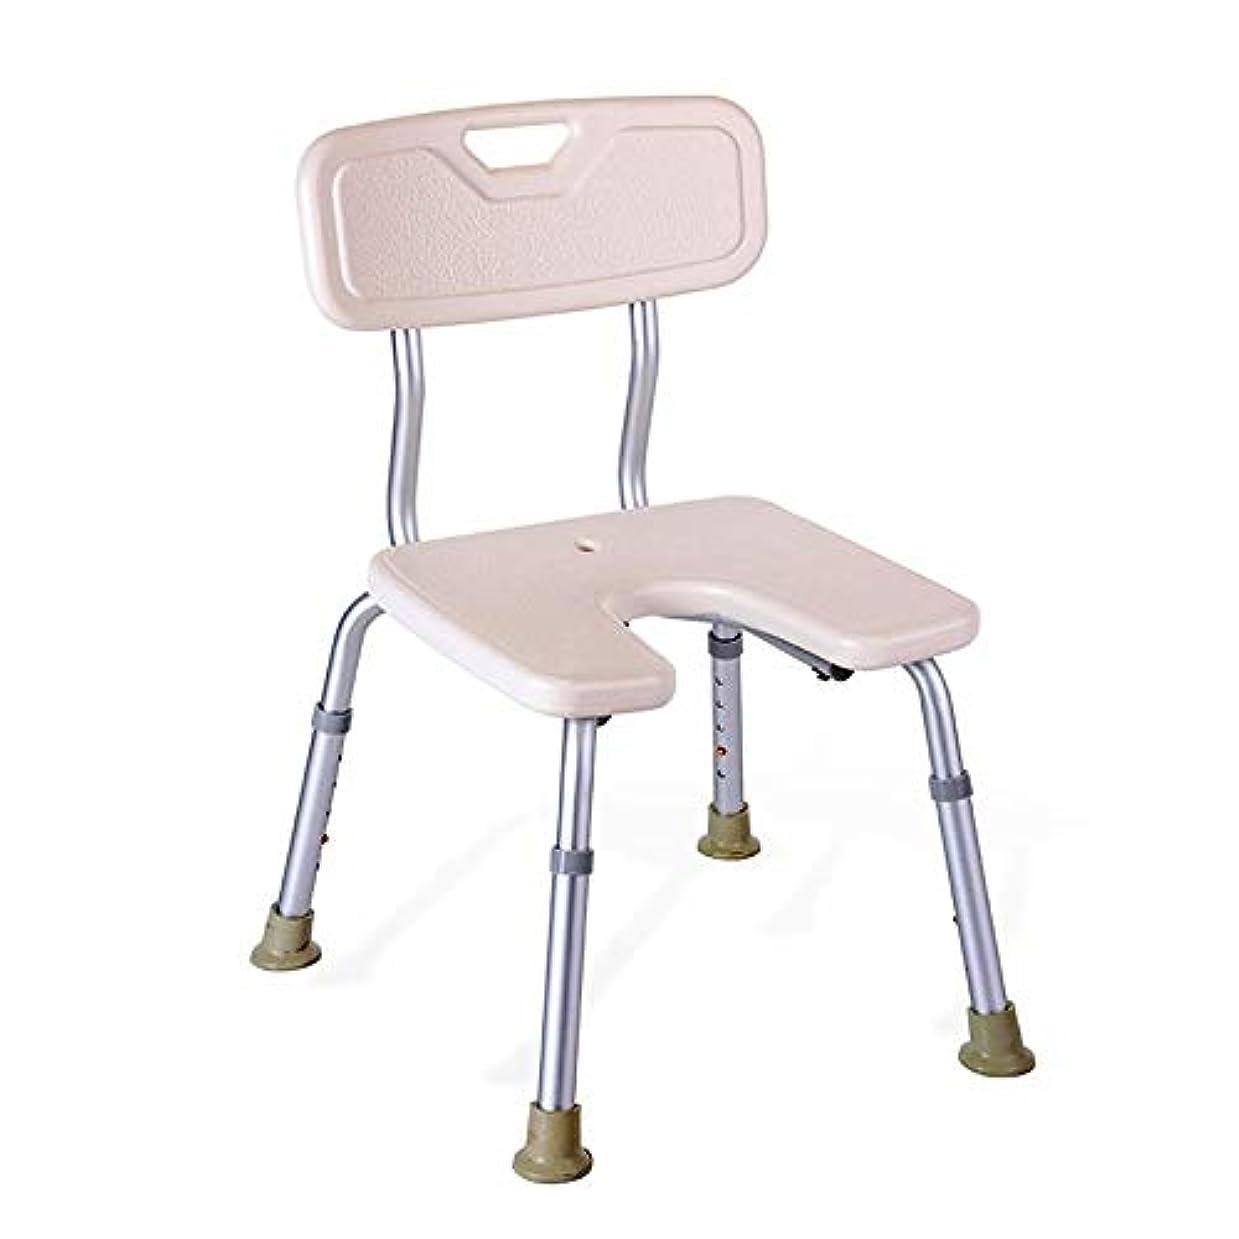 強調する退屈怖がって死ぬパッド入り背部付き肥満症用スツール、調節可能なシャワーシート、高齢者用シート付きバスチェアー、身体障害者用安定装置、バスルームアクセサー